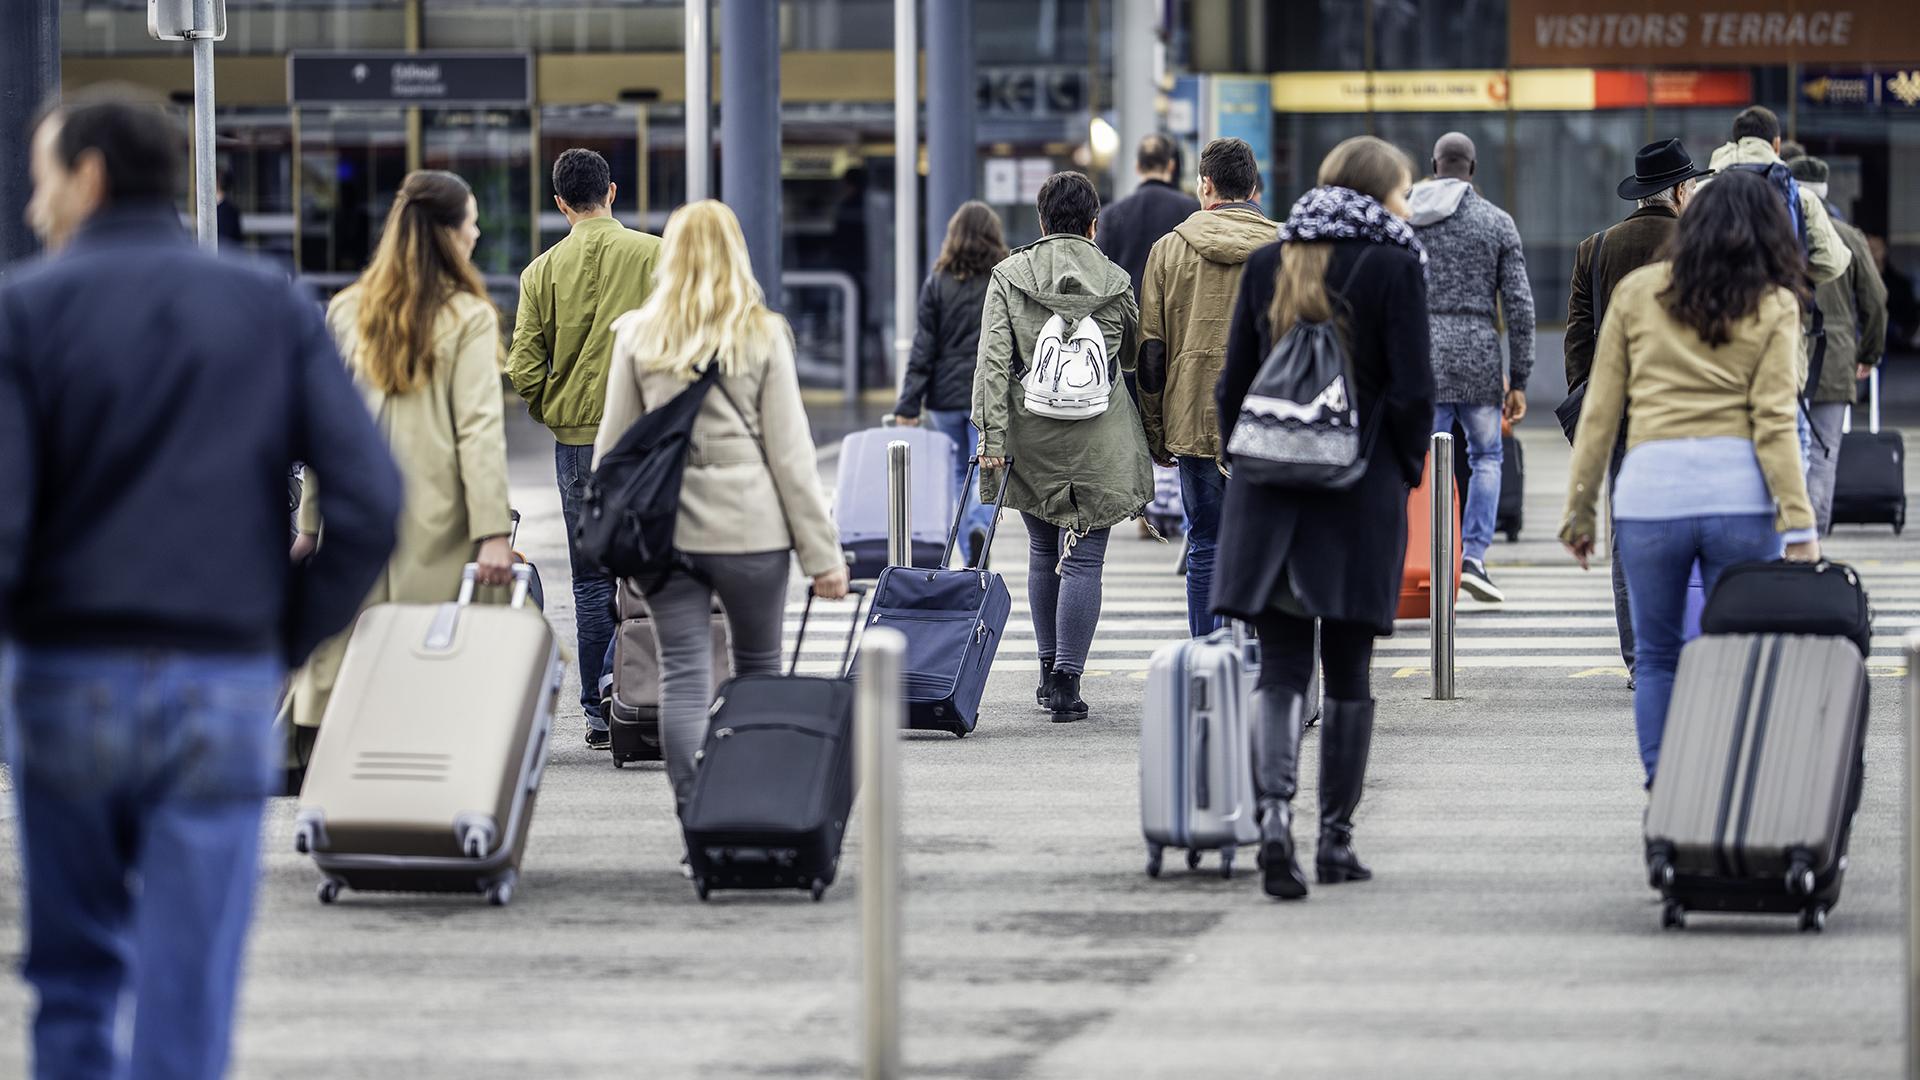 80 ٪ من الأميركيين على استعداد لتبادل البيانات البيومترية لتحسين تجربة سفرهم